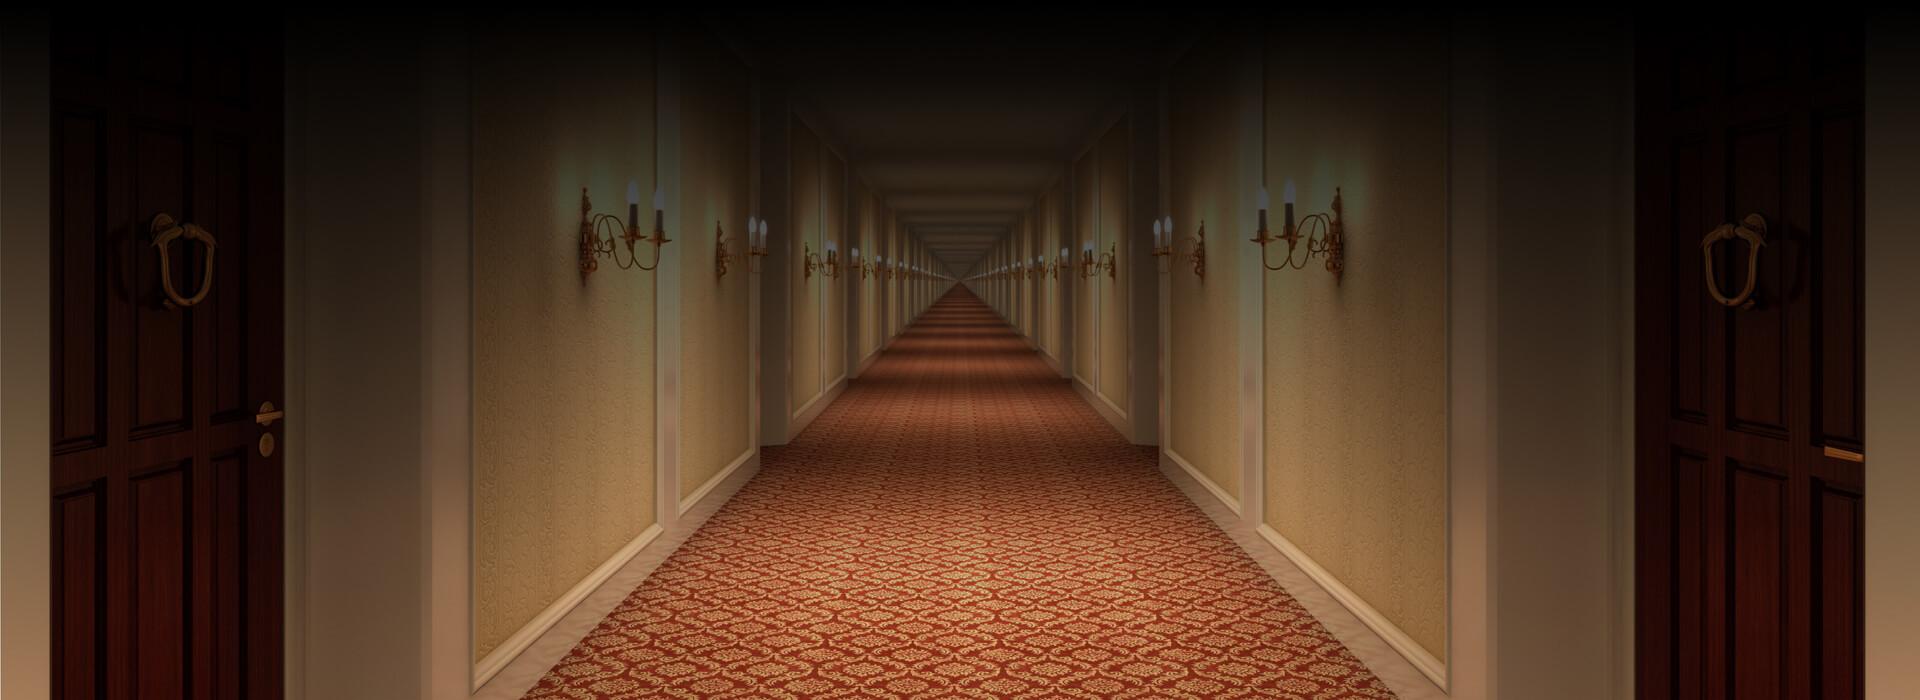 Nurteks Otel Halısı